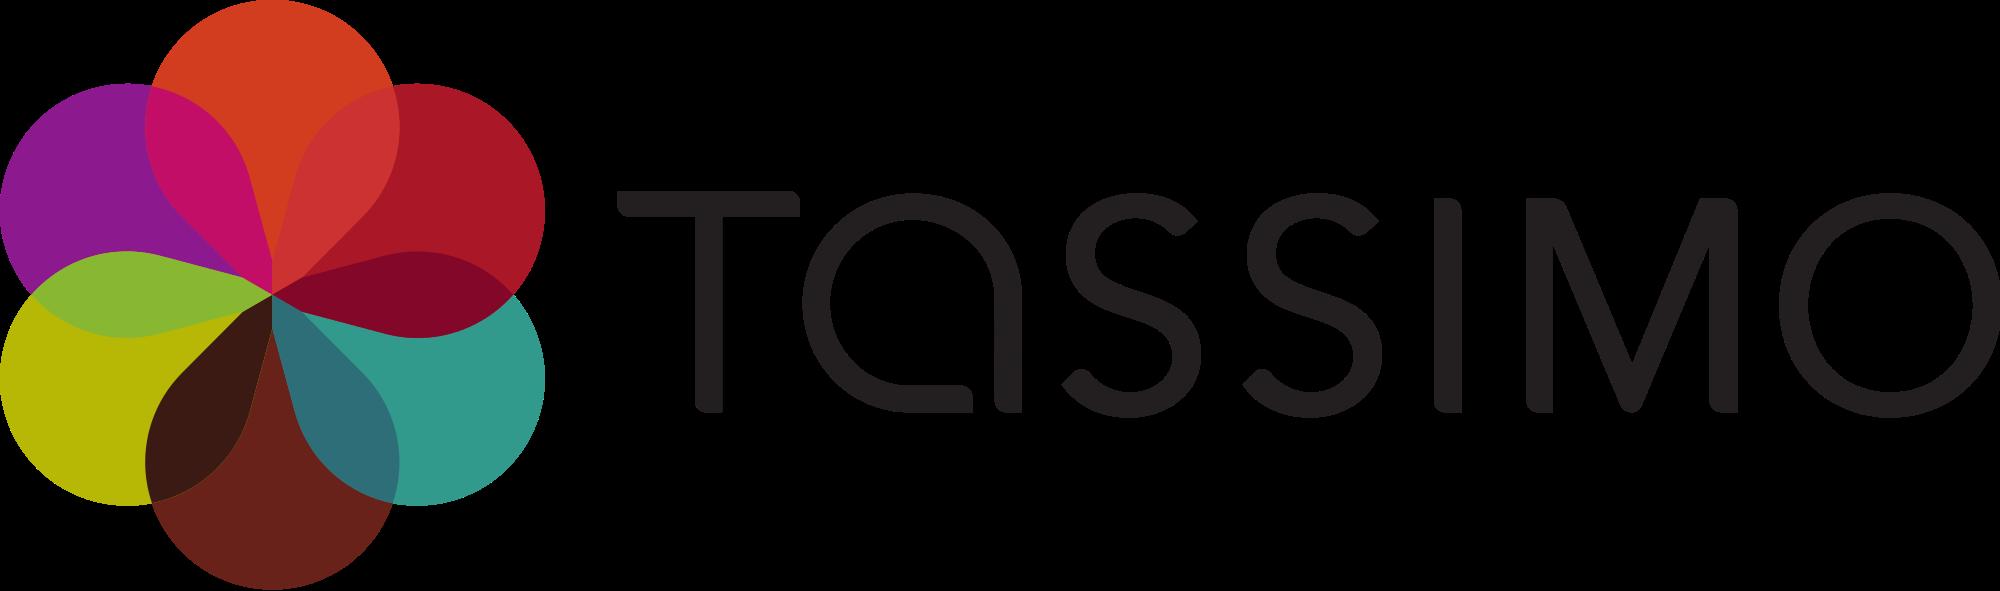 Pièces détachées Tassimo - Prix Pas Cher